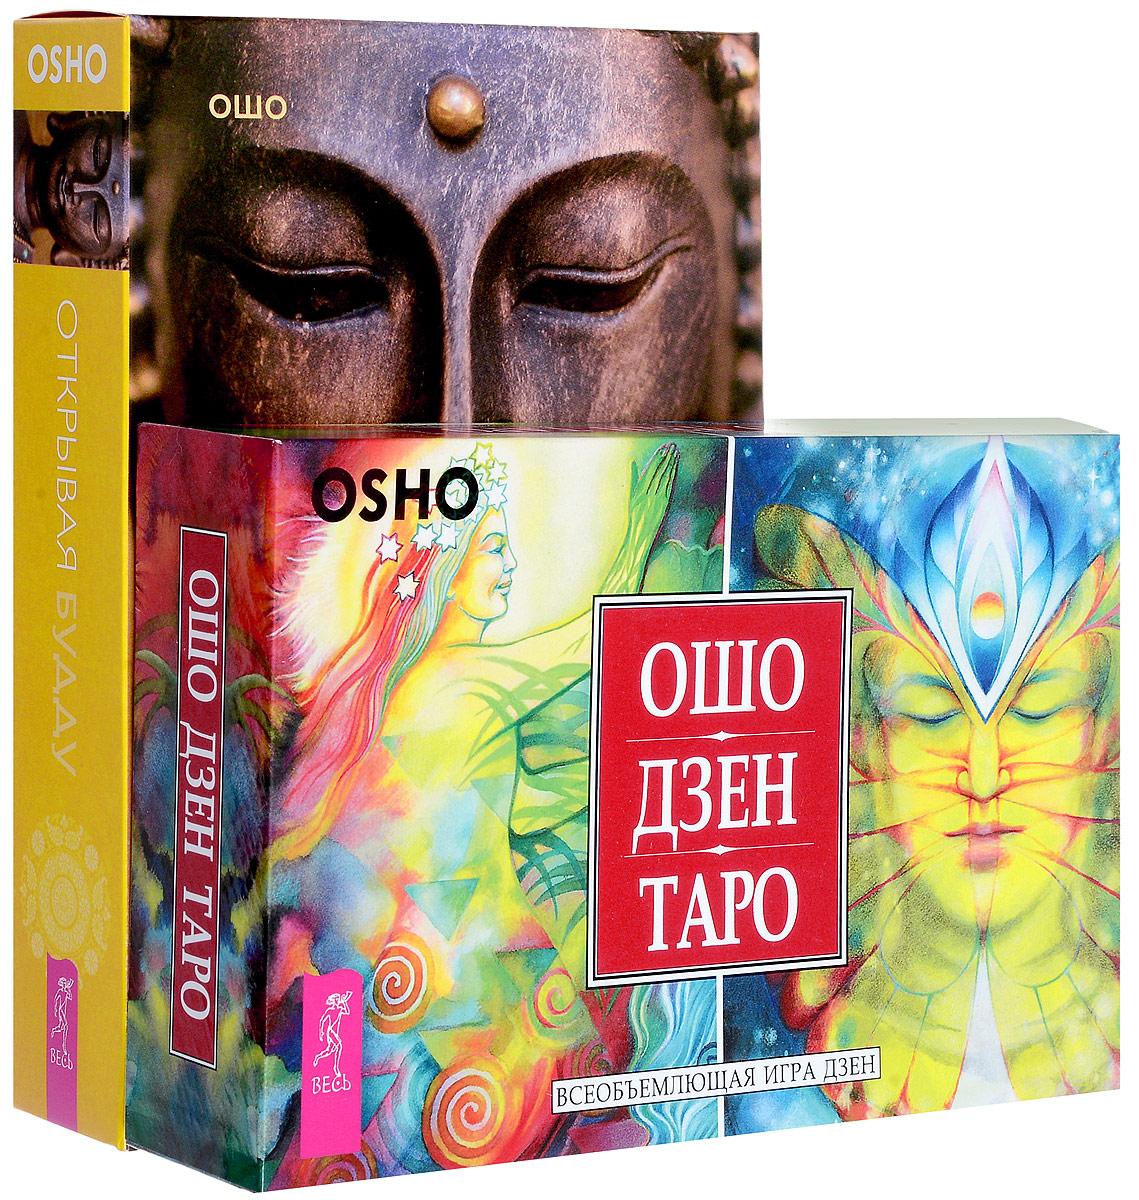 цена Ошо Открывая Будду. Ошо Дзен Таро (комплект из 2 книг + 2 колоды карт)